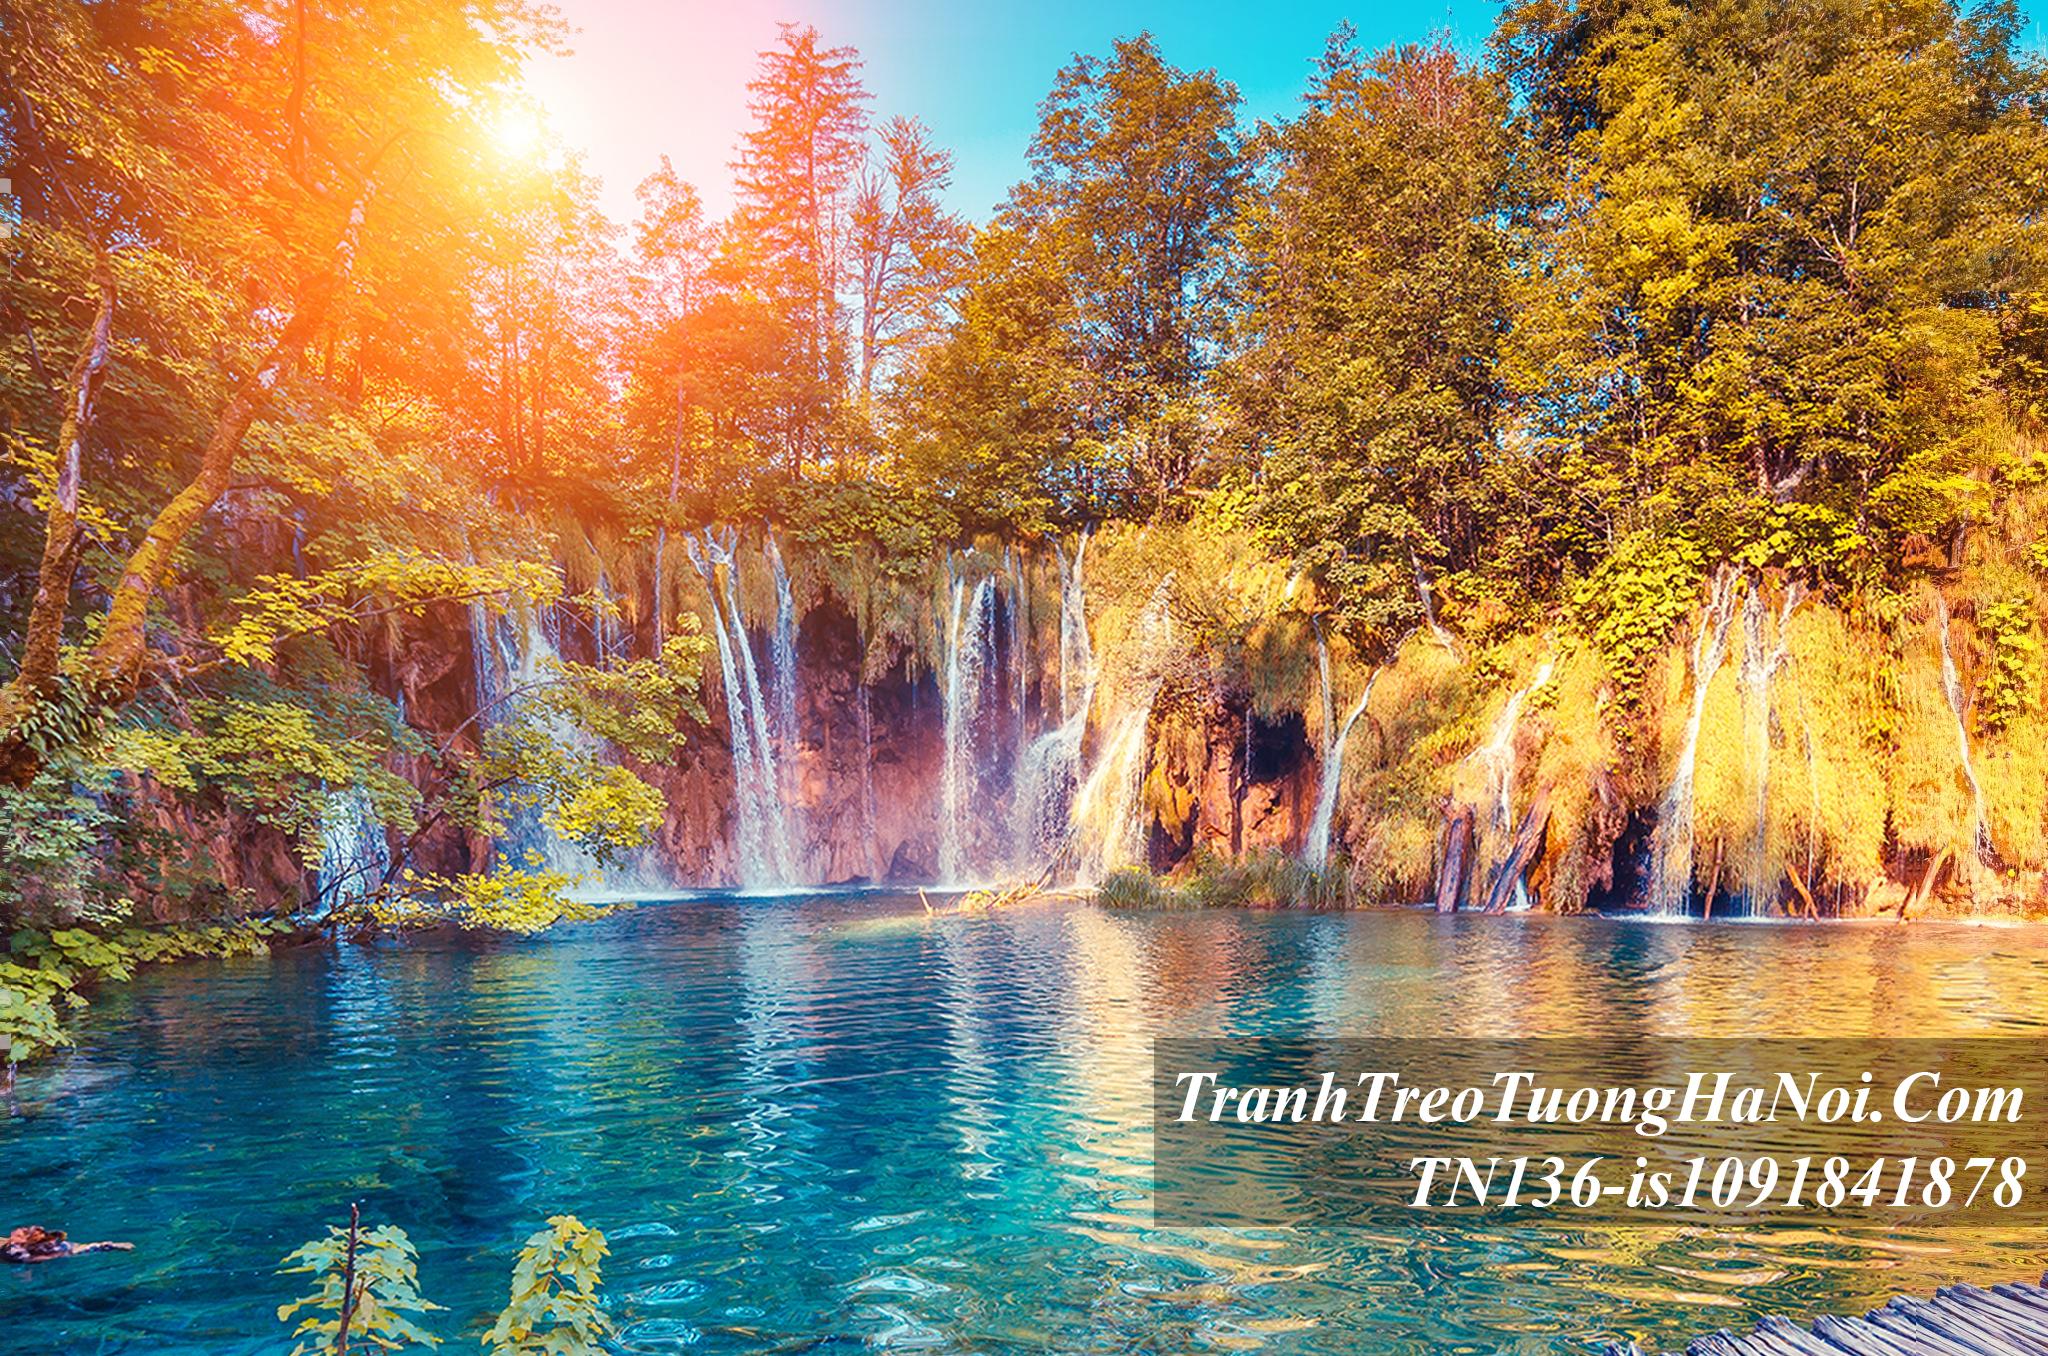 Tranh mua thu thac nuoc dep o Croatia AmiA TN136-is1091841878